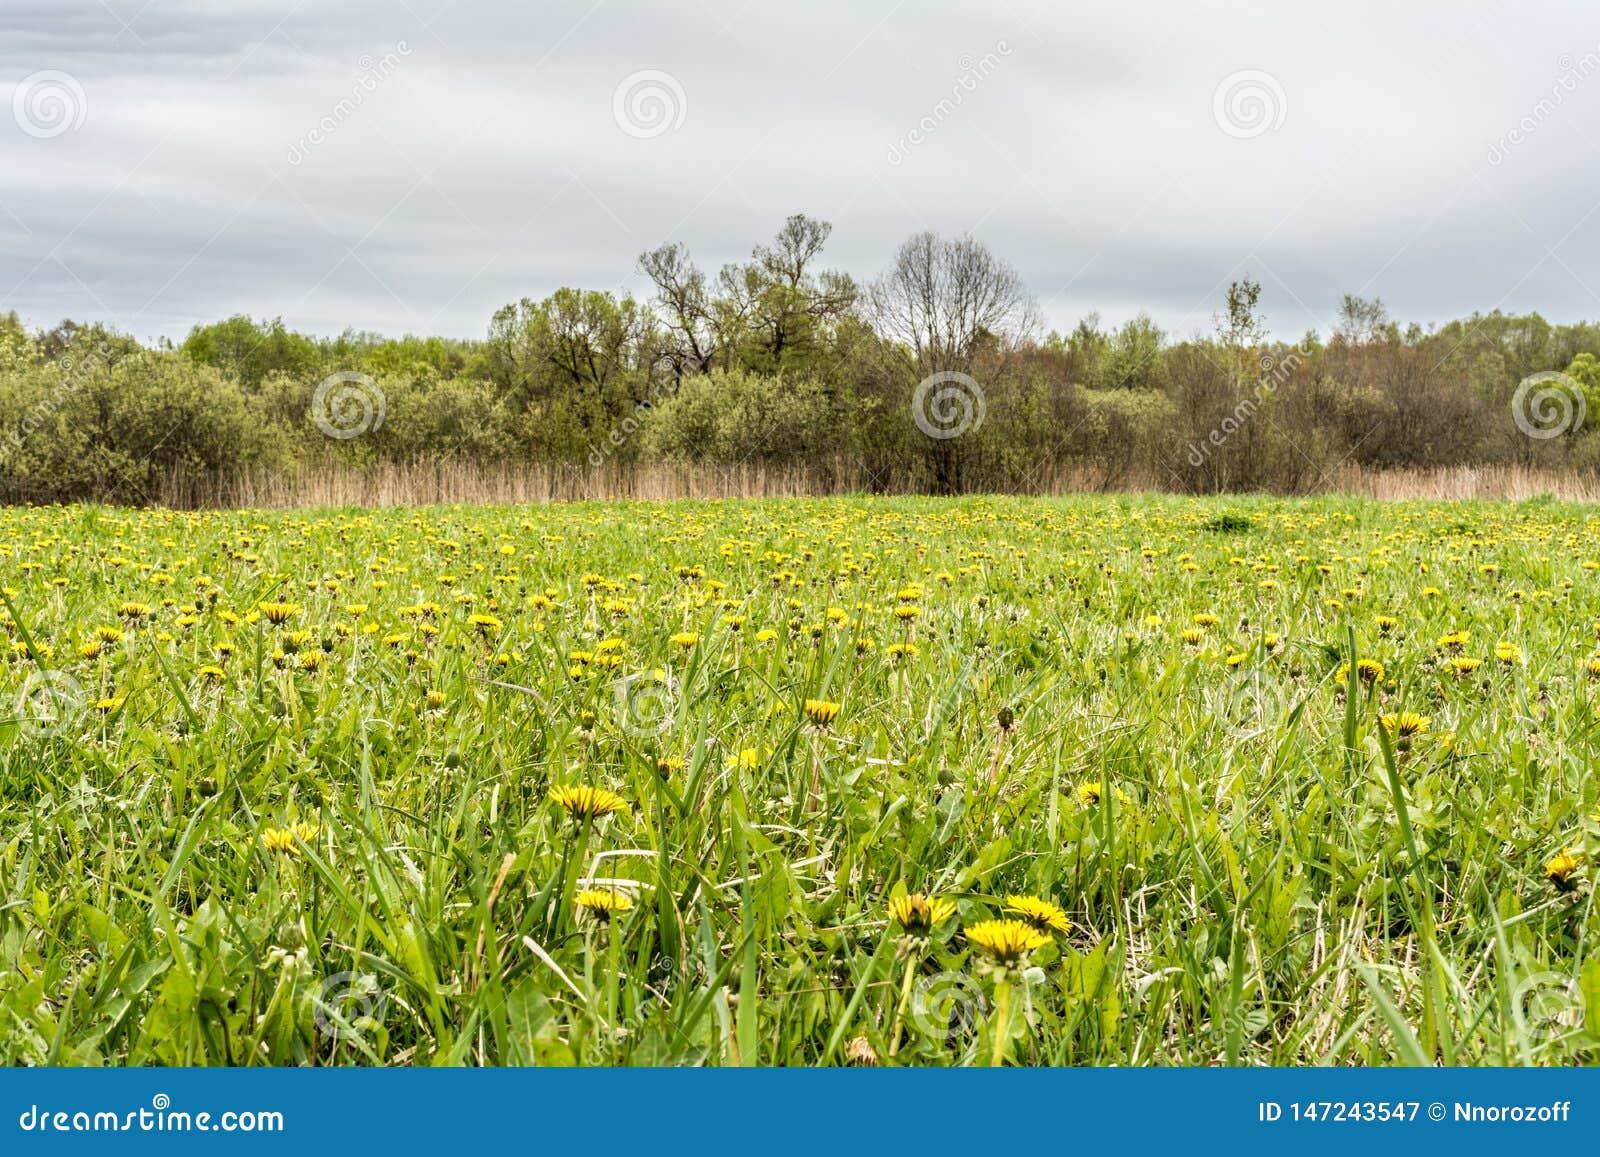 Paardebloem in groen gras Mooi de lente panoramisch schot met een paardebloemweide Gebied van paardebloemen op achtergrond van de